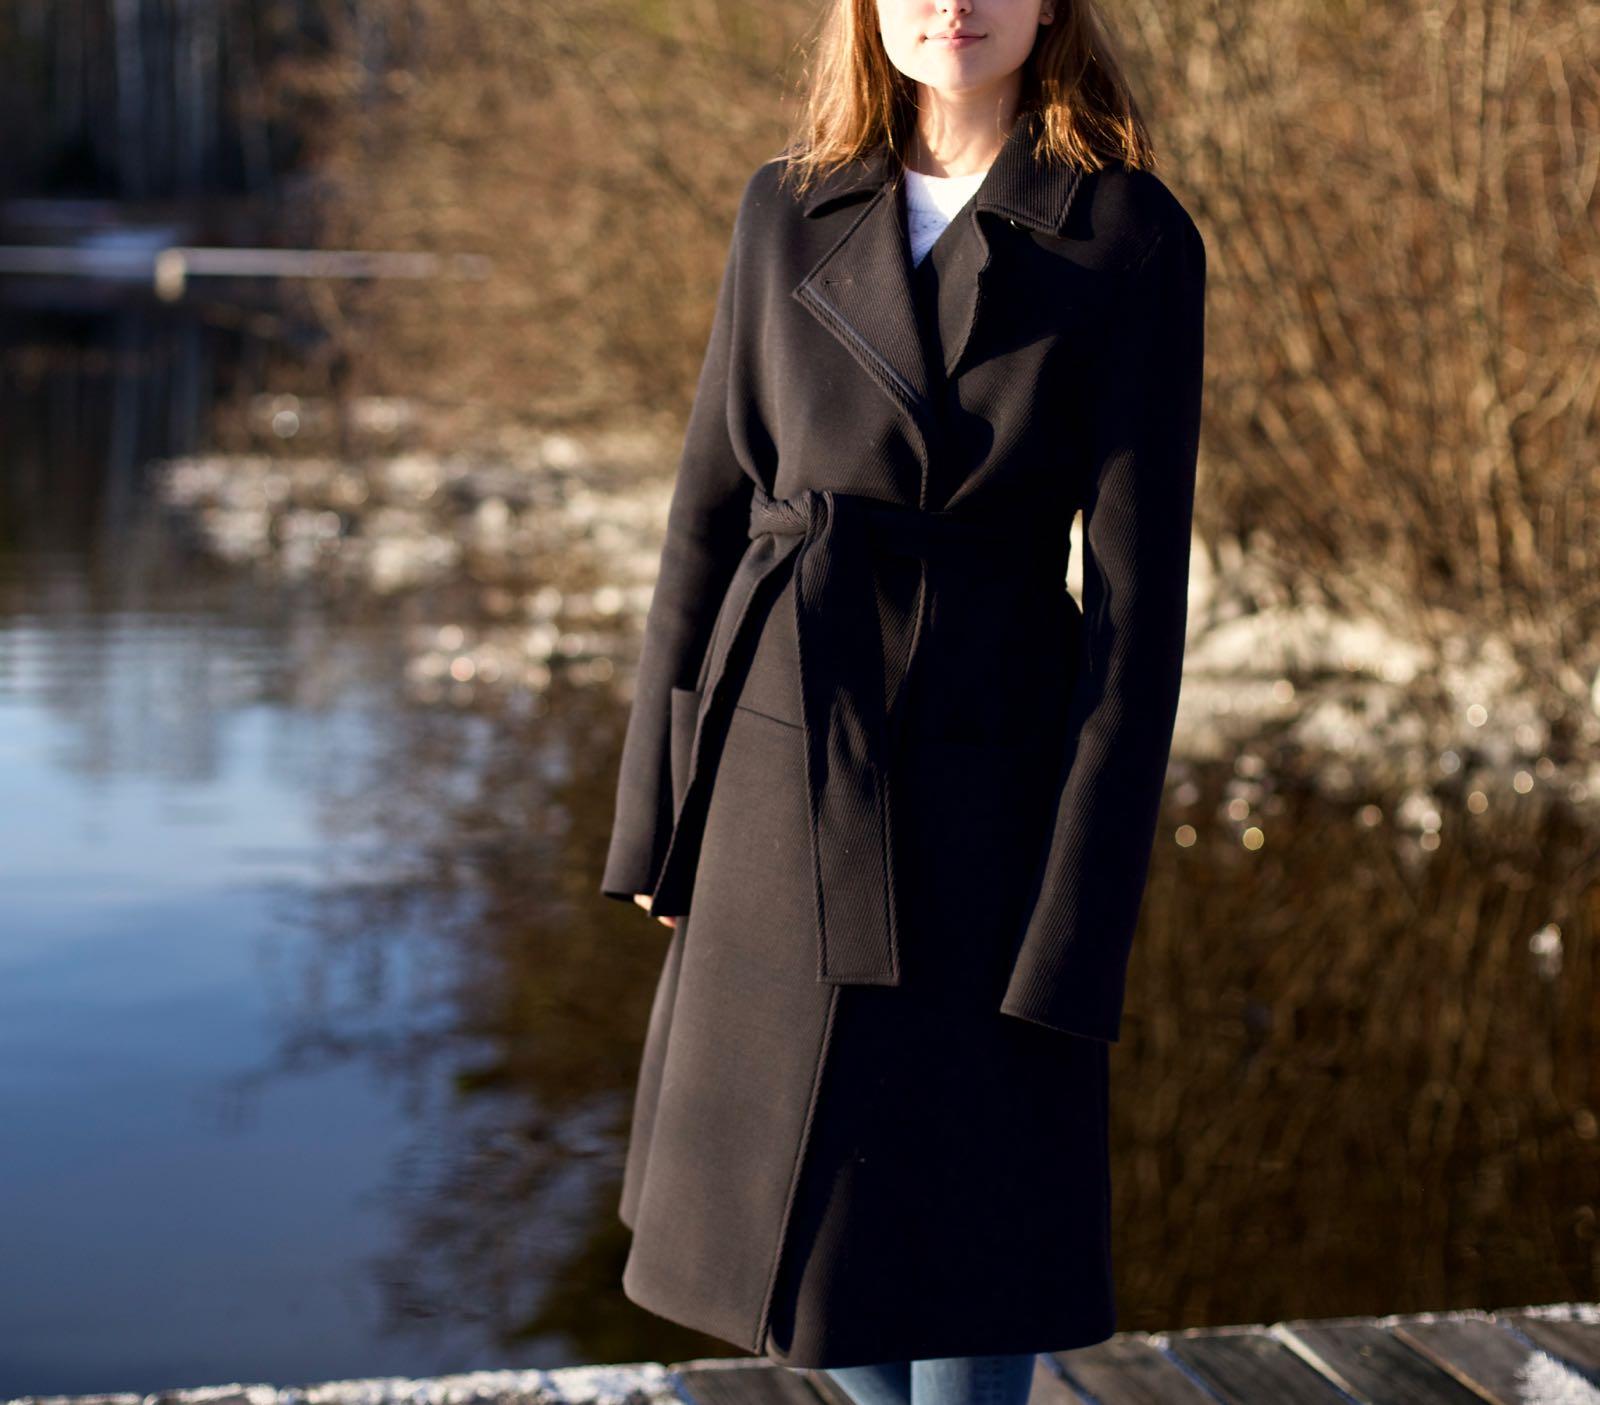 cos-coat - 5.jpg